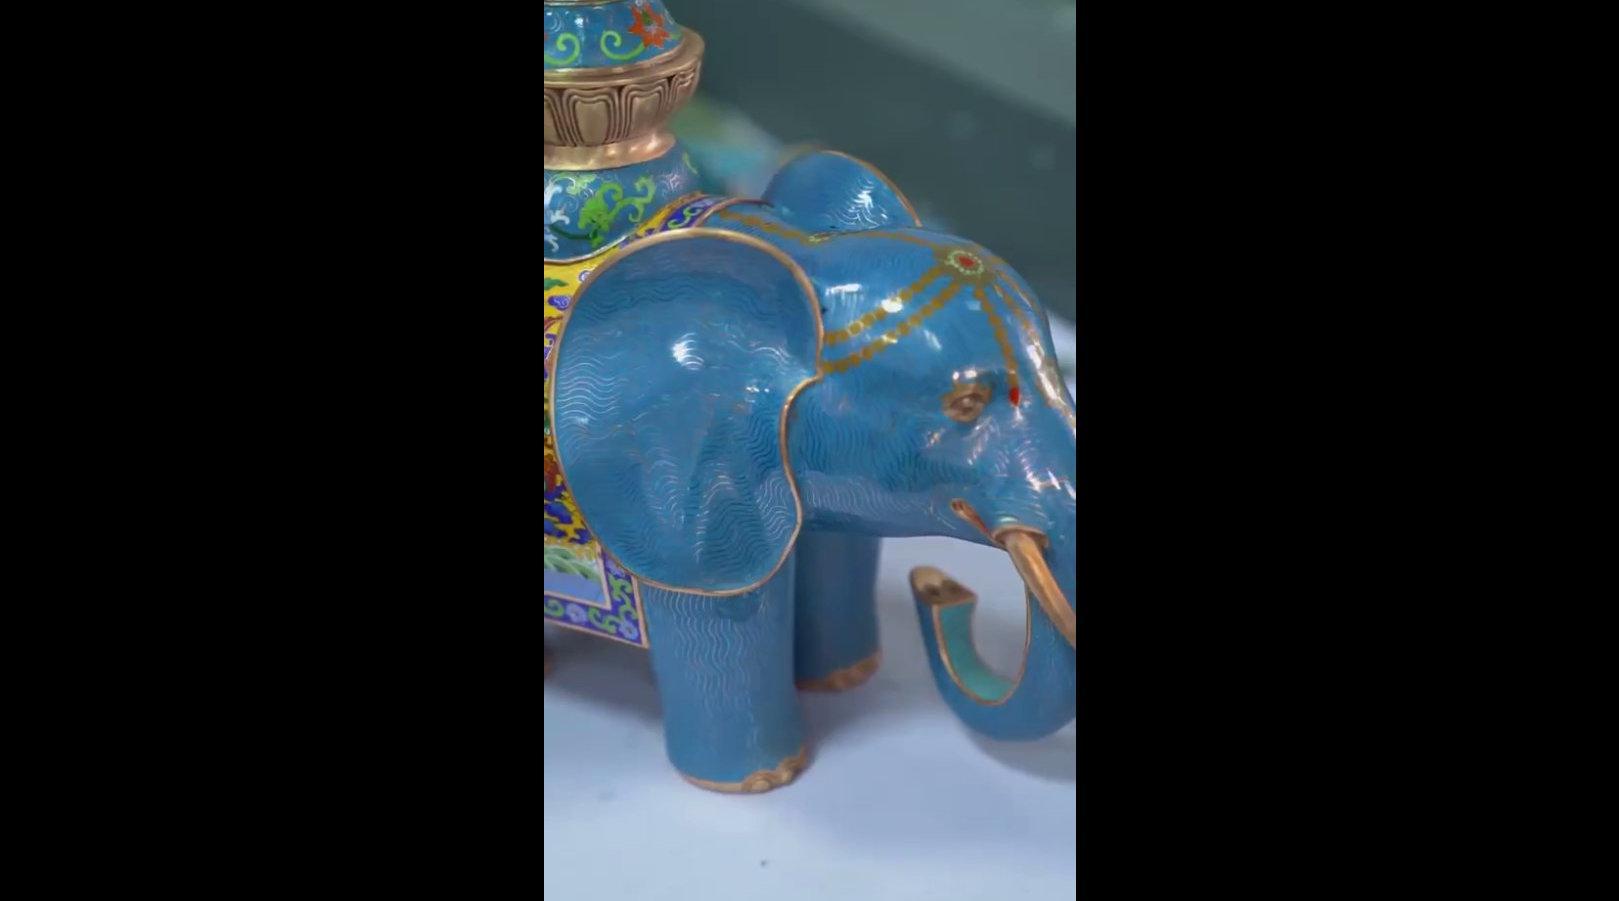 非遗传承,烈火中涅槃而生的景泰蓝铜工艺品。 来源:艺术一分钟